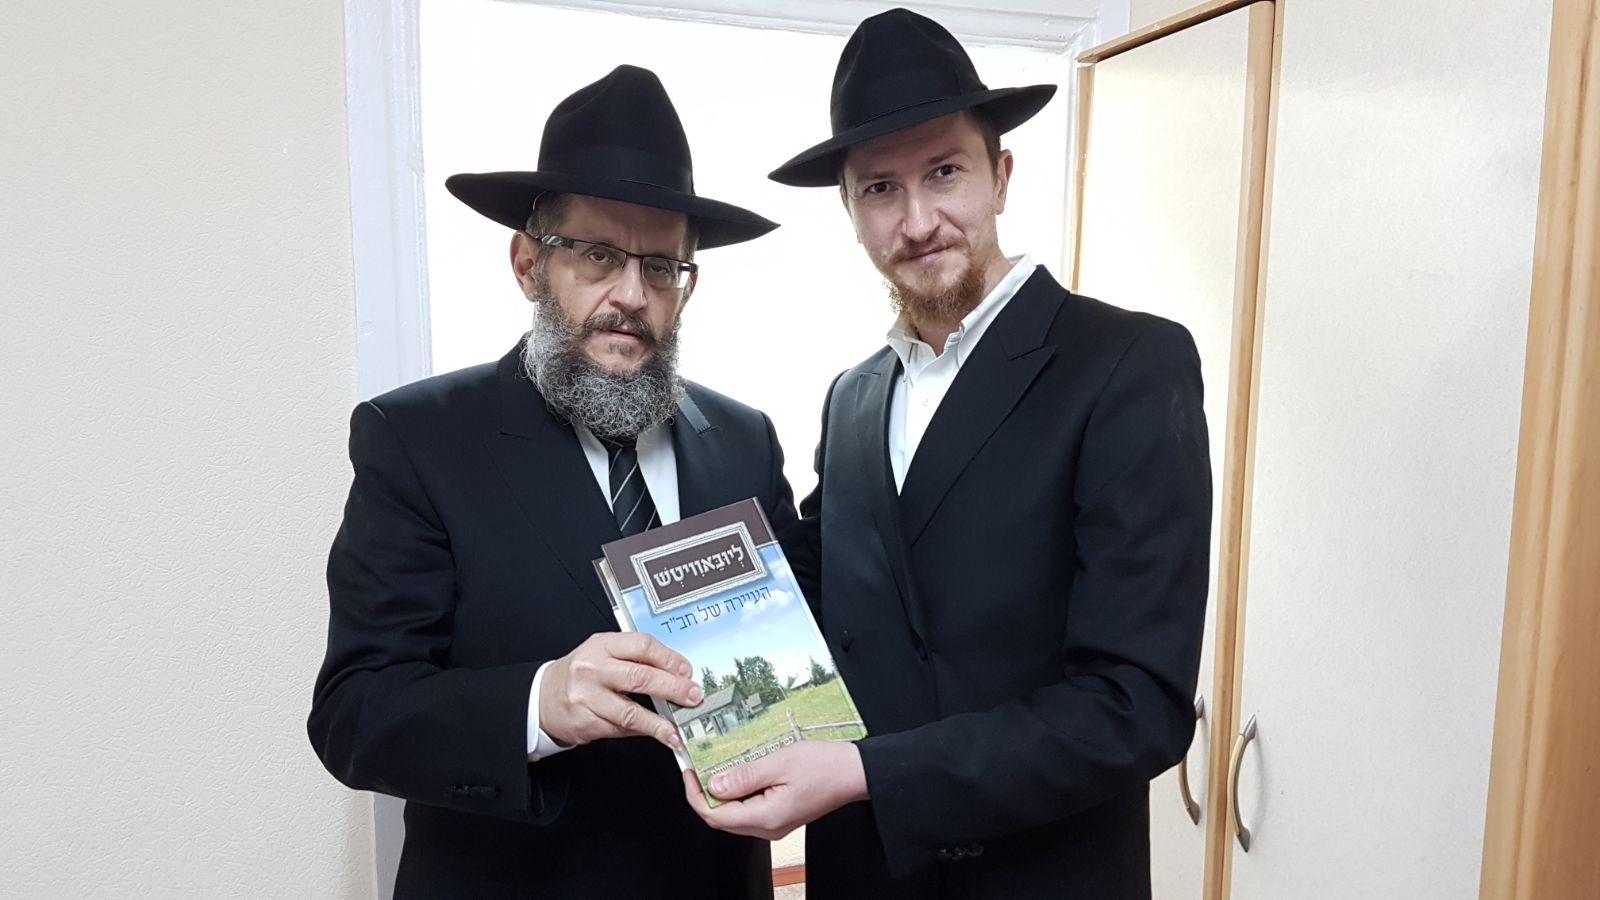 הרב יוסף יצחק אהרונוב מקבל את הספר